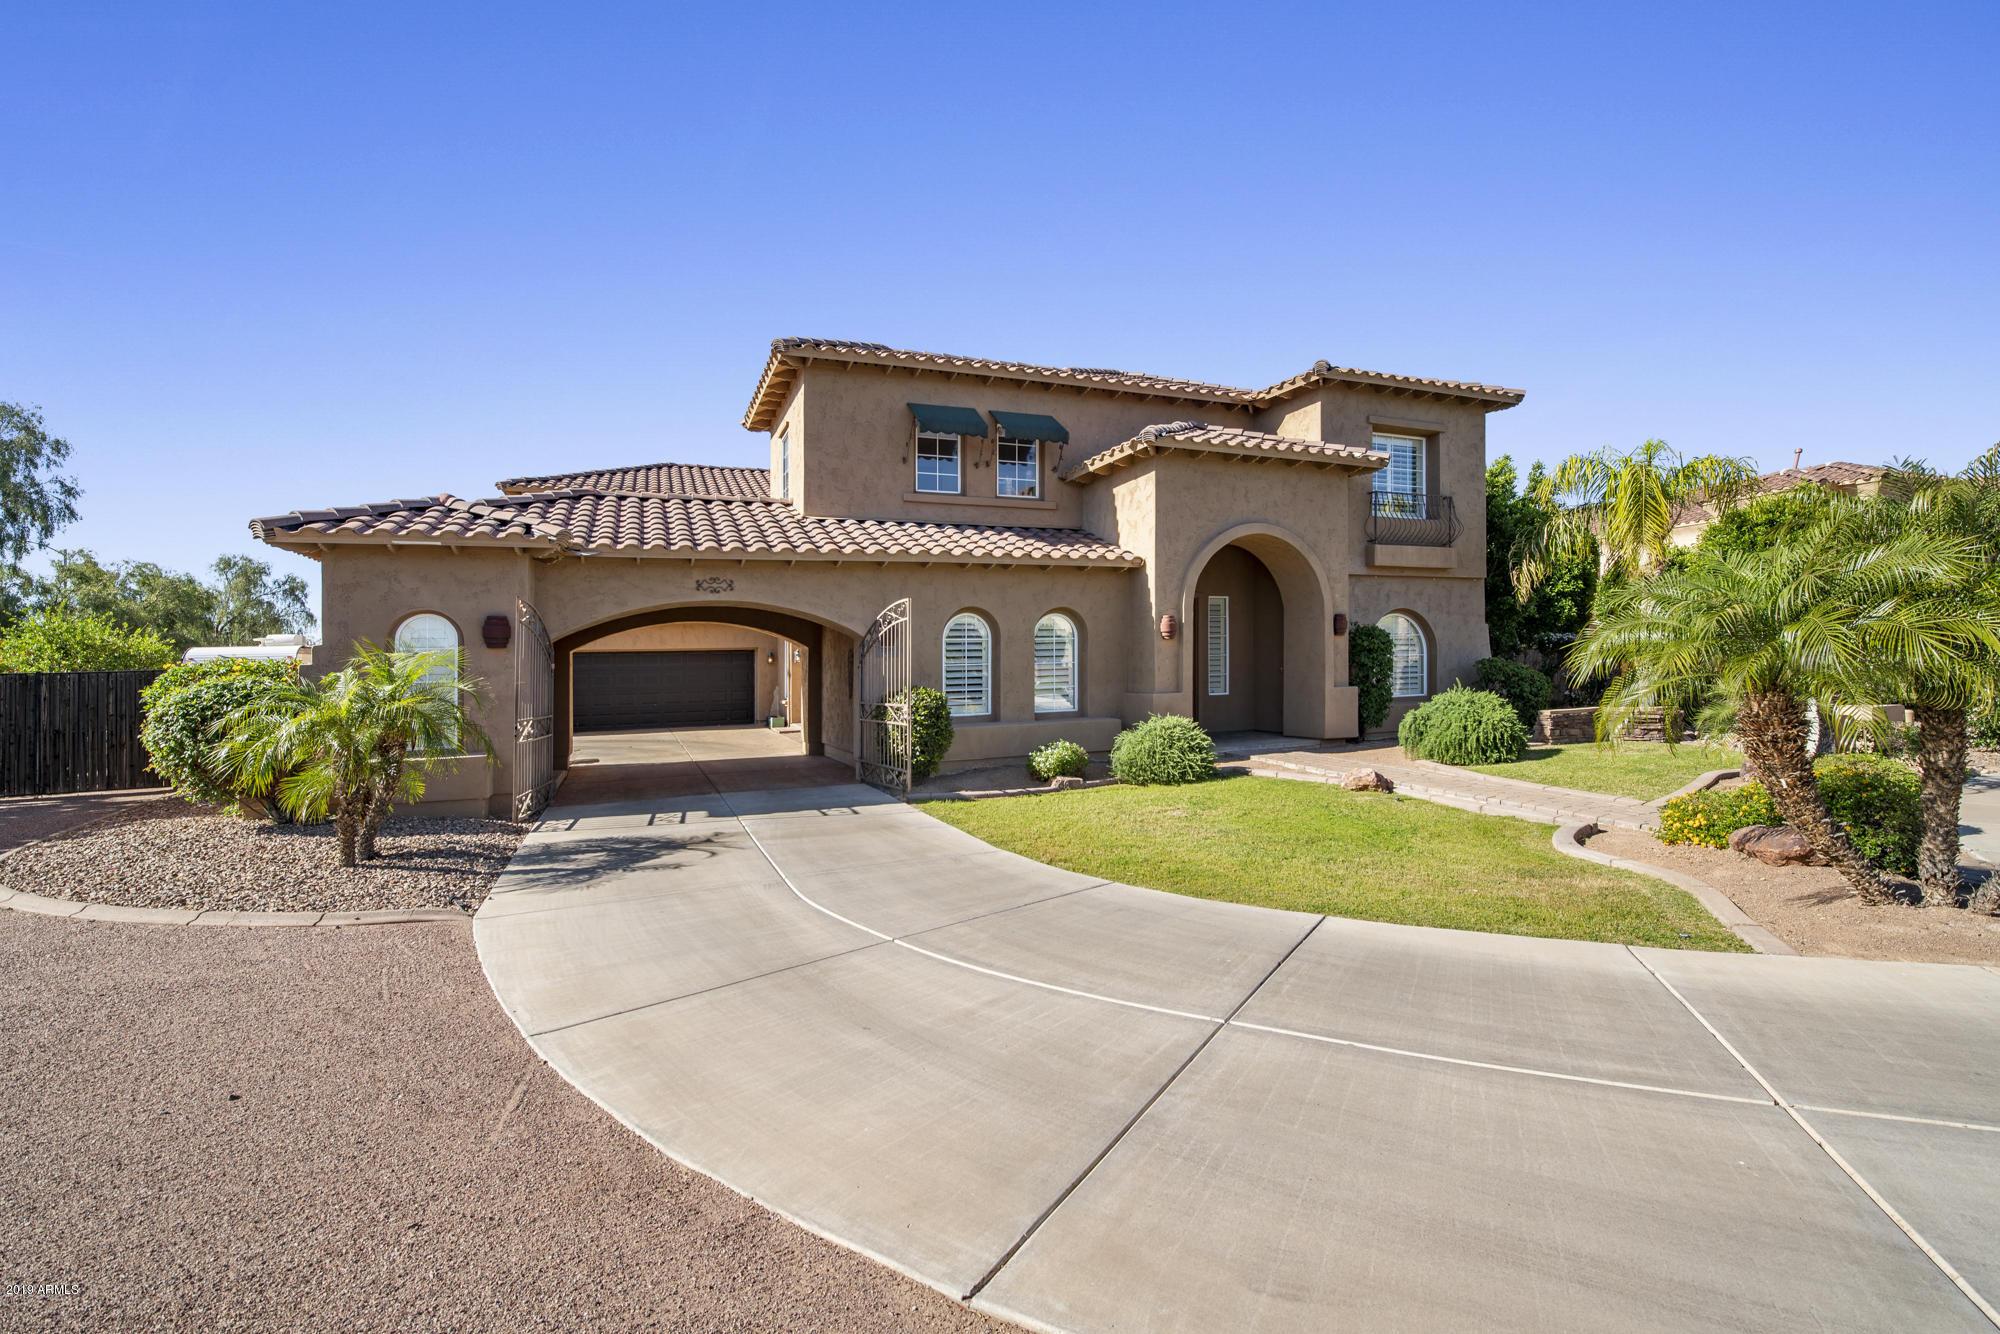 Photo of 7119 W MARIPOSA GRANDE Lane, Peoria, AZ 85383